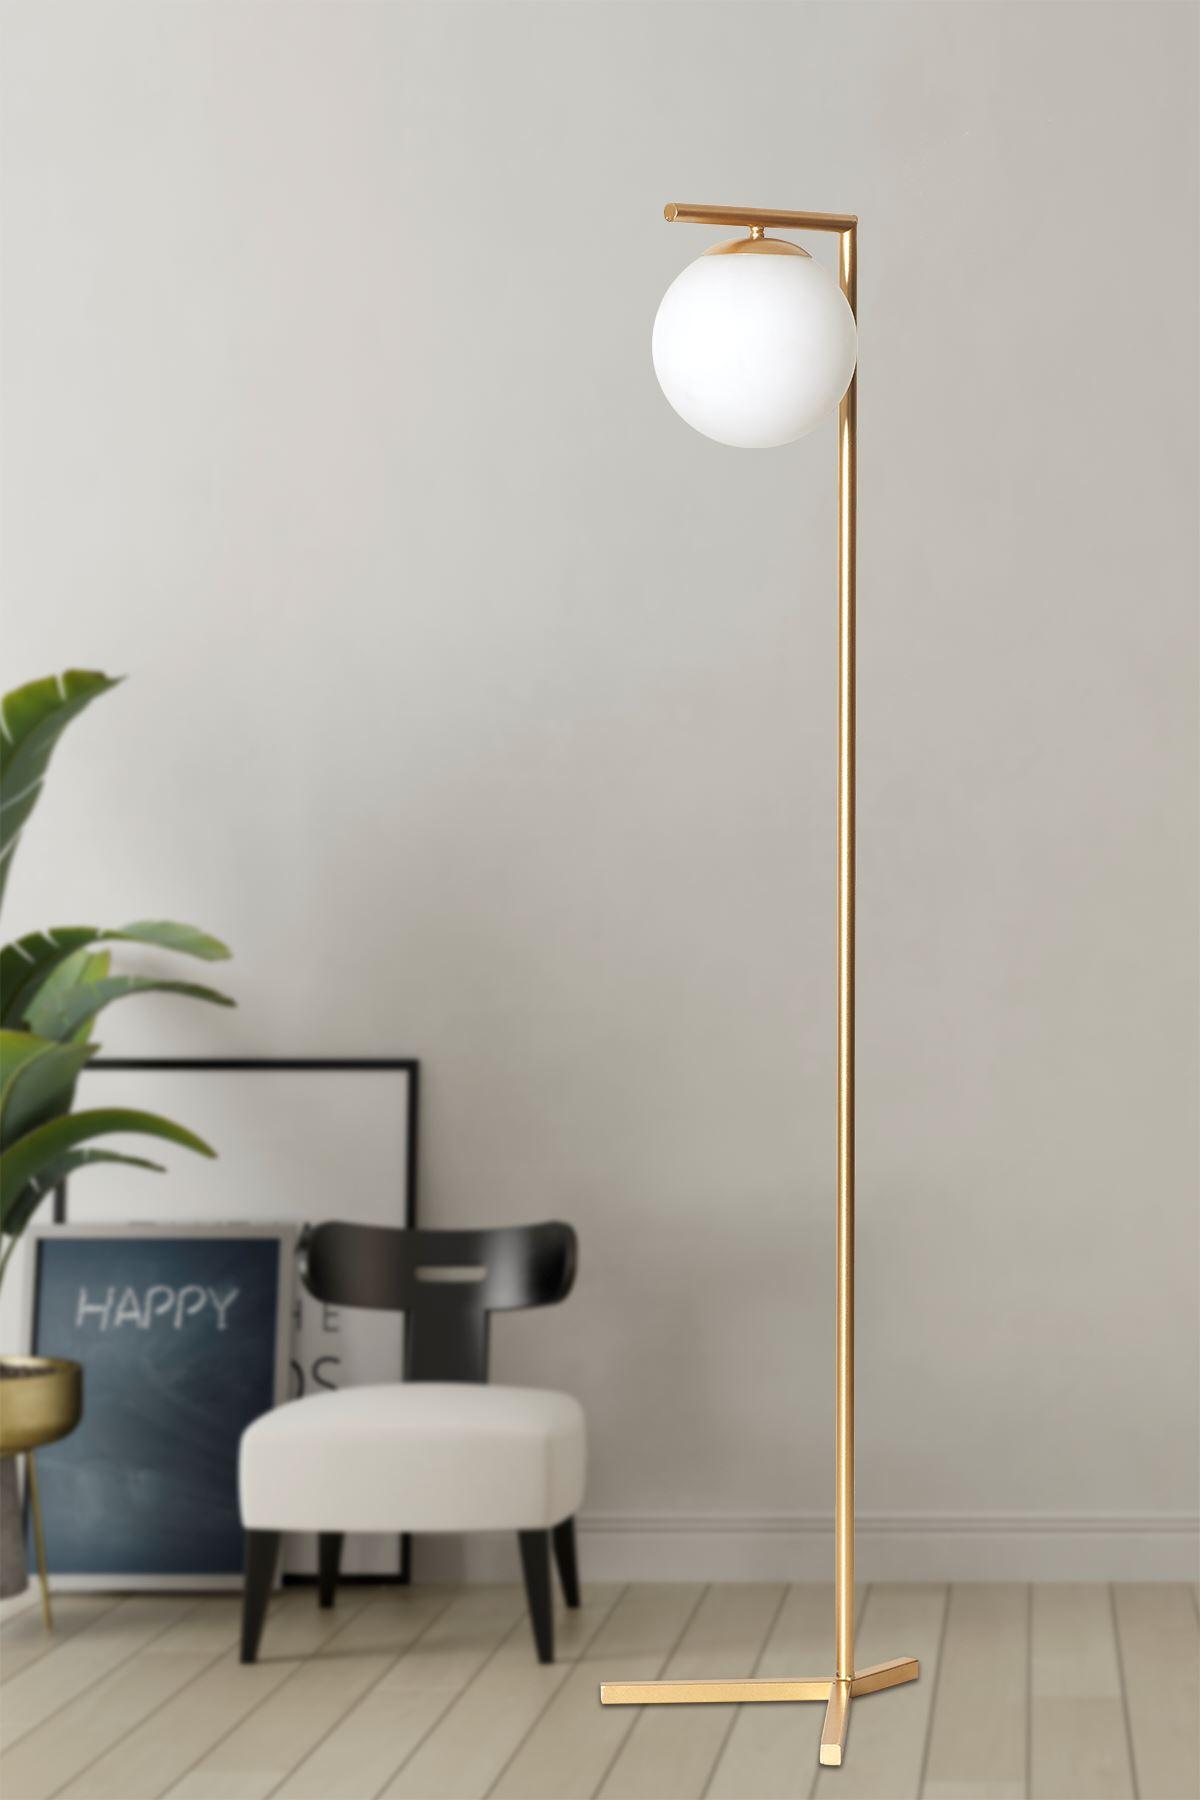 Linda Sarı Metal Gövde Beyaz Camlı Tasarım Lüx Yerden Aydınlatma Lambader